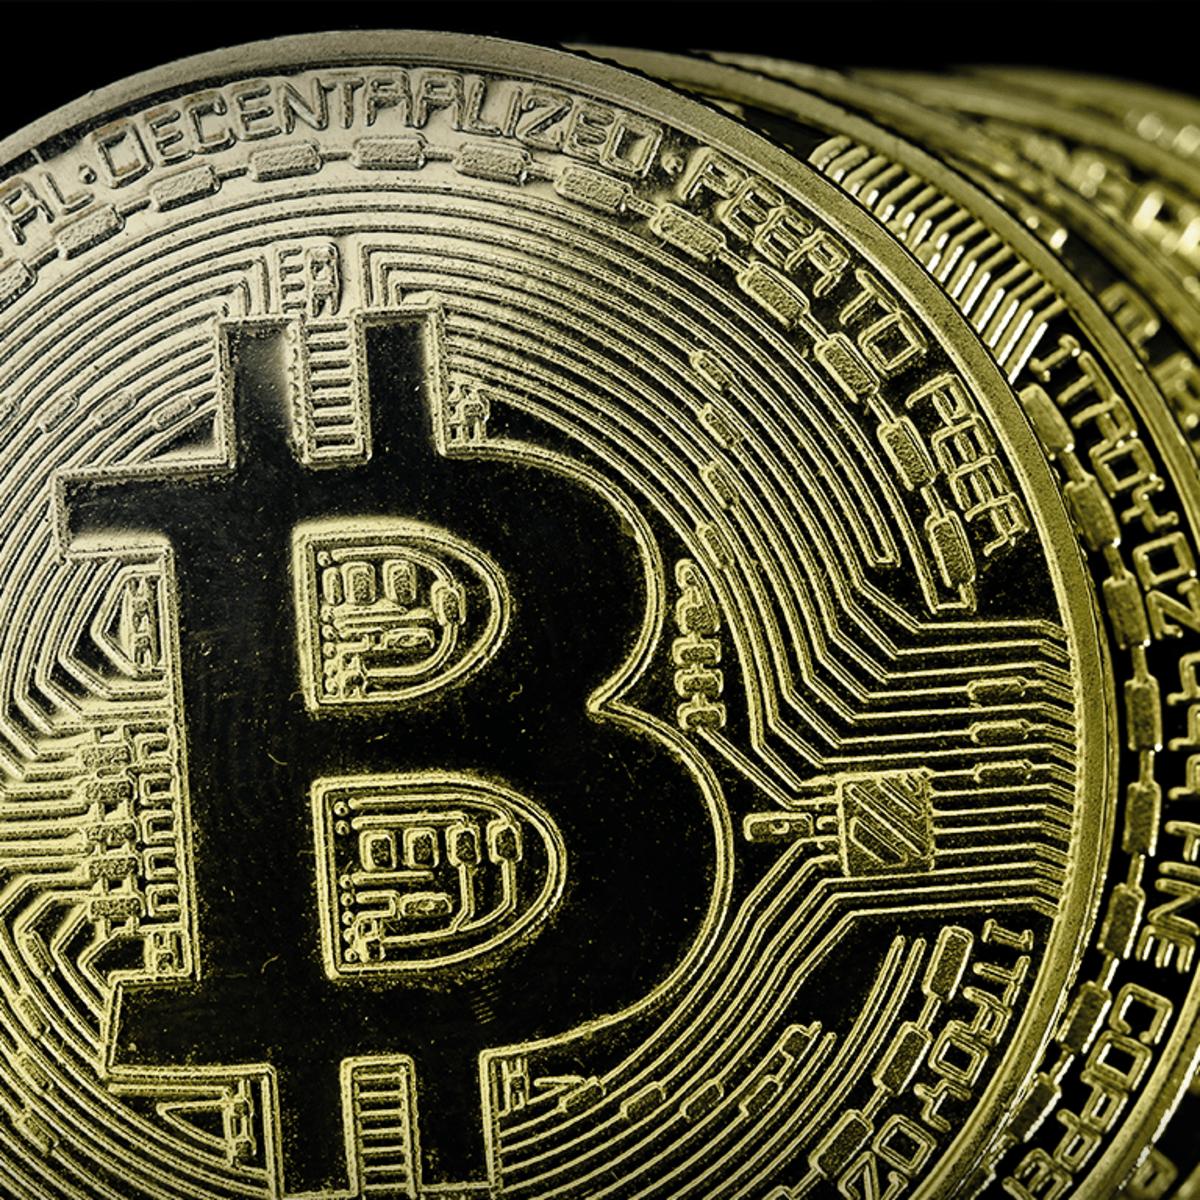 wat yra bitcoin